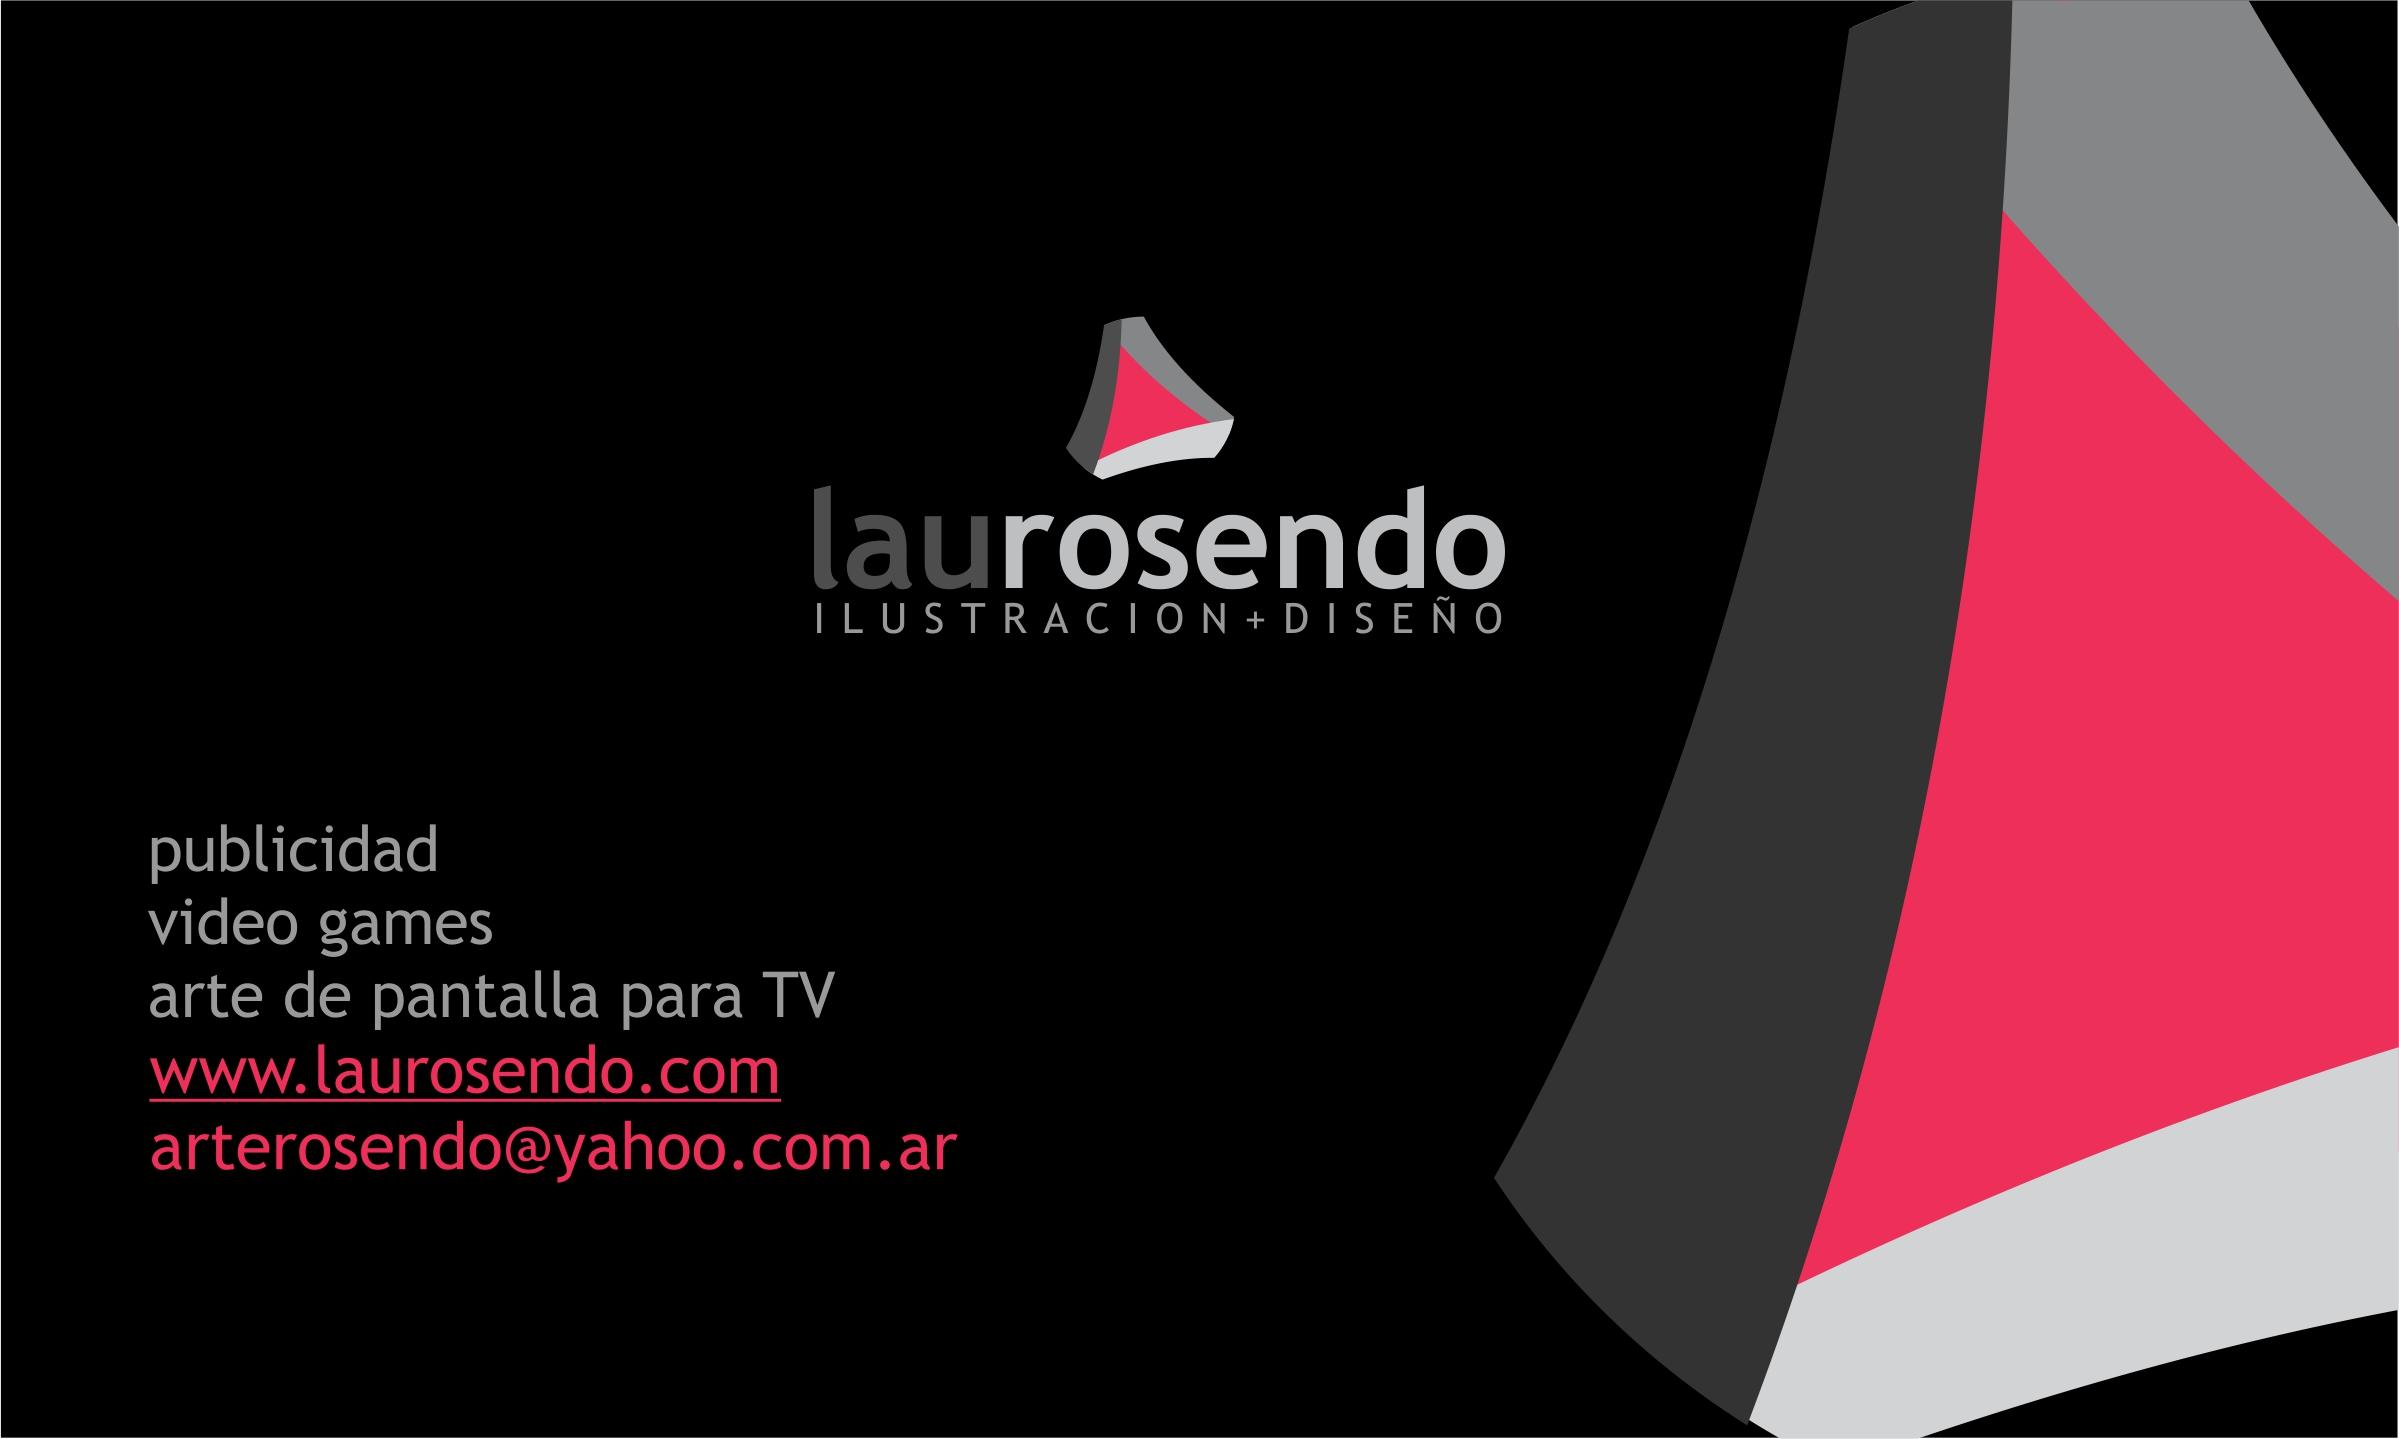 Lau Rosendo